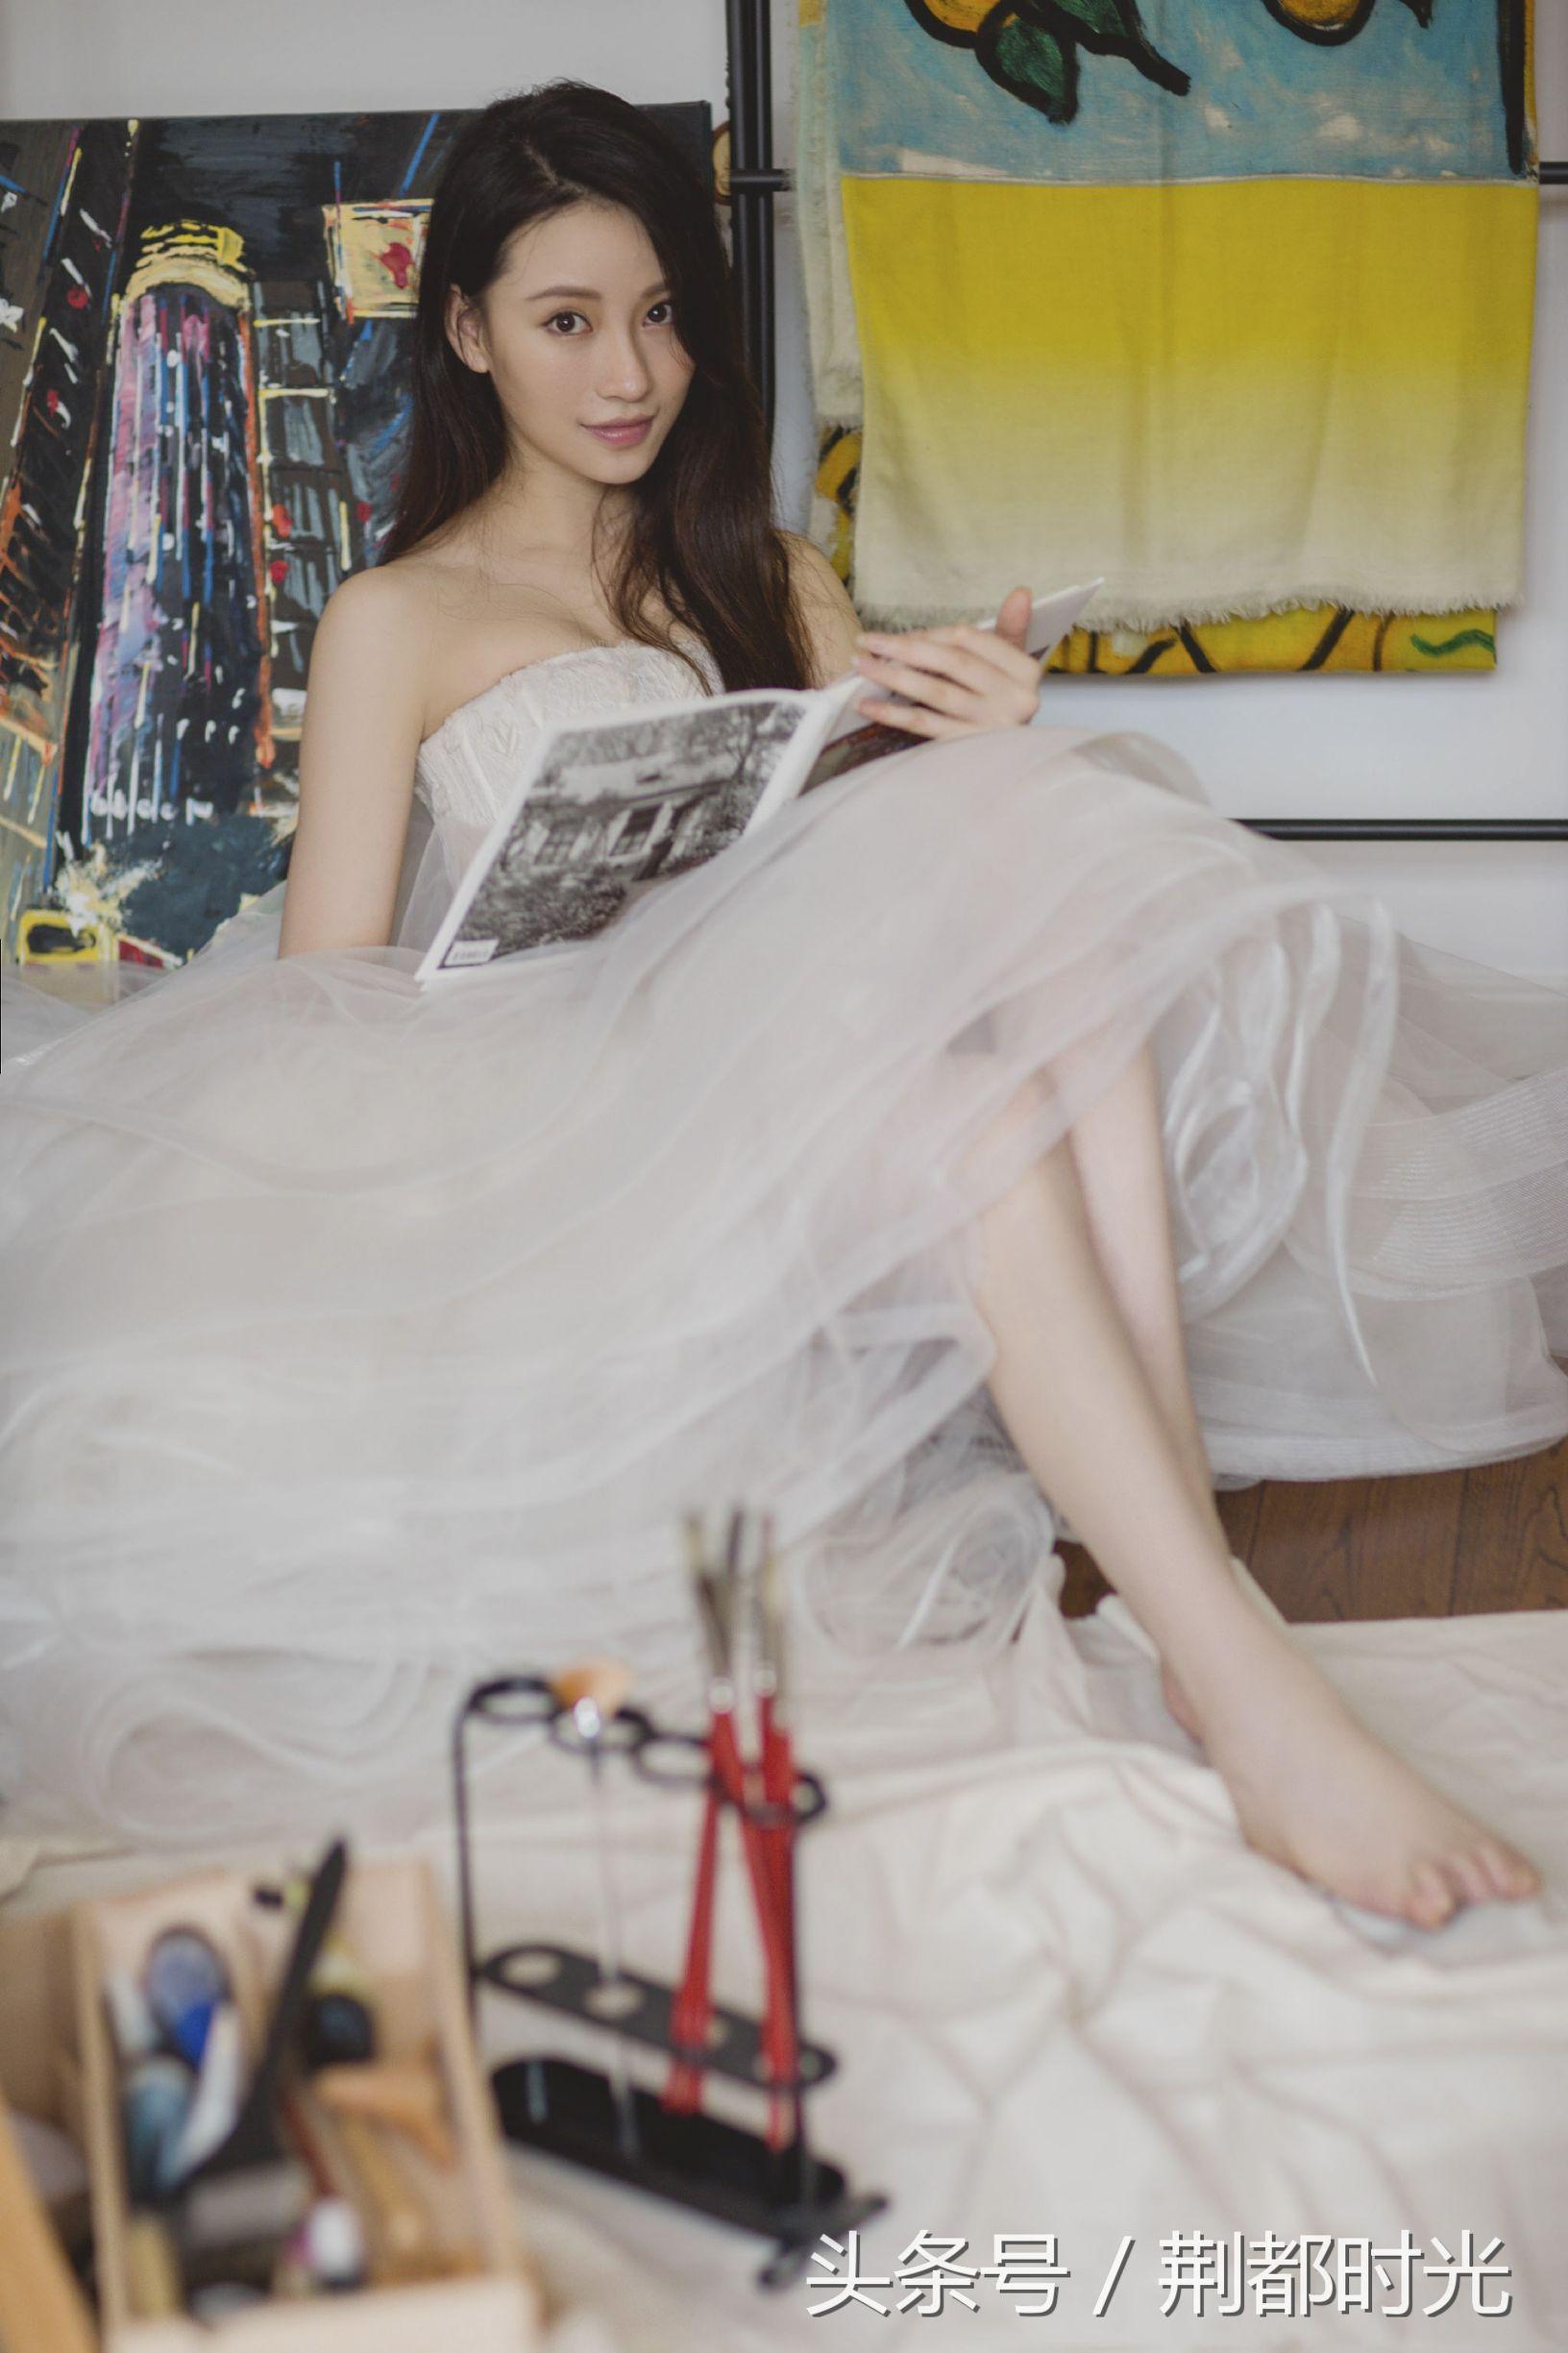 人像摄影婚纱资讯设计师们用栩栩如生的工艺坚持用心探索并创造美